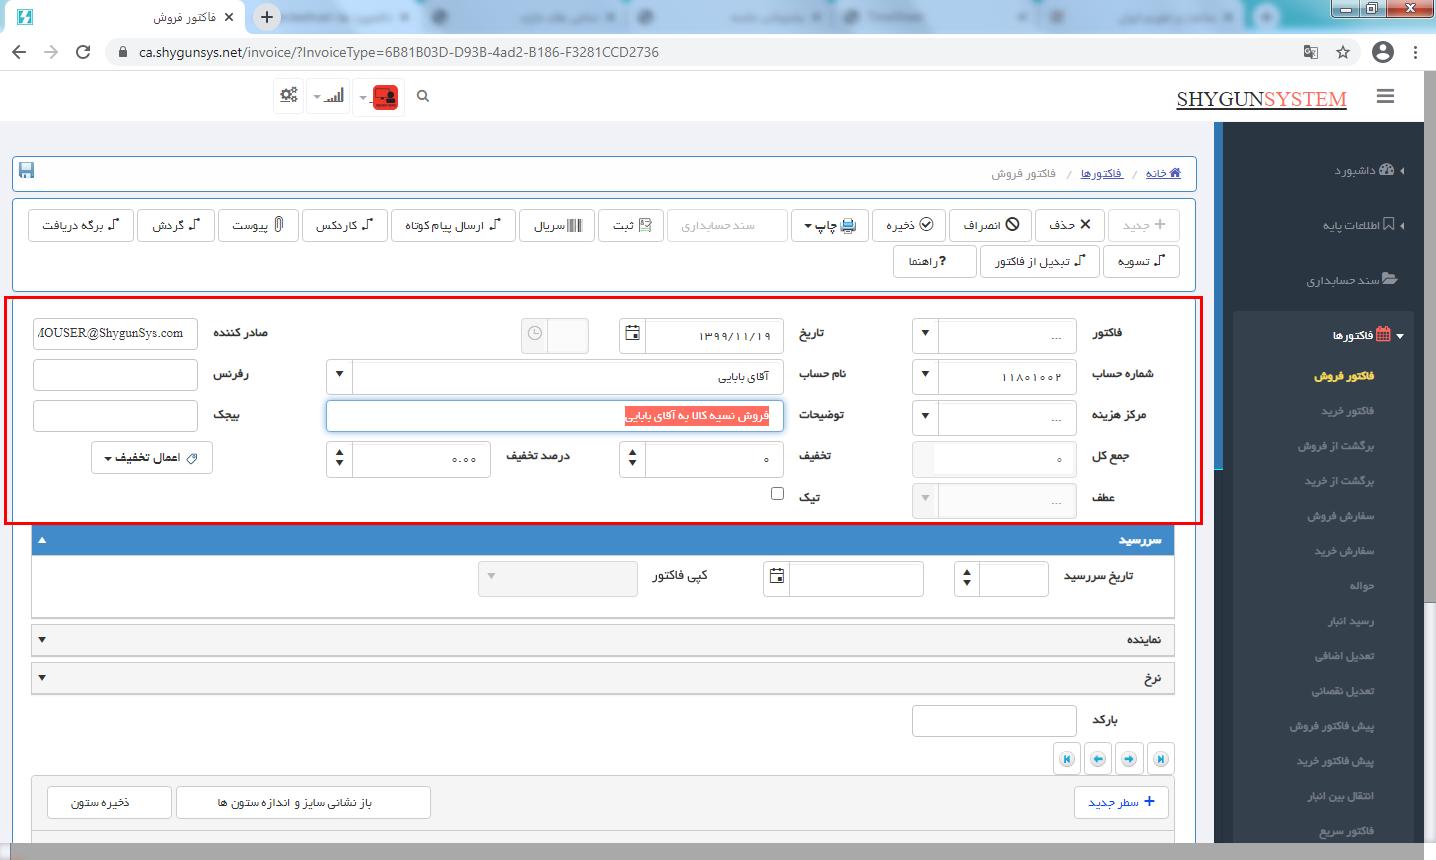 ثبت اطلاعات فاکتور فروش در حسابگر